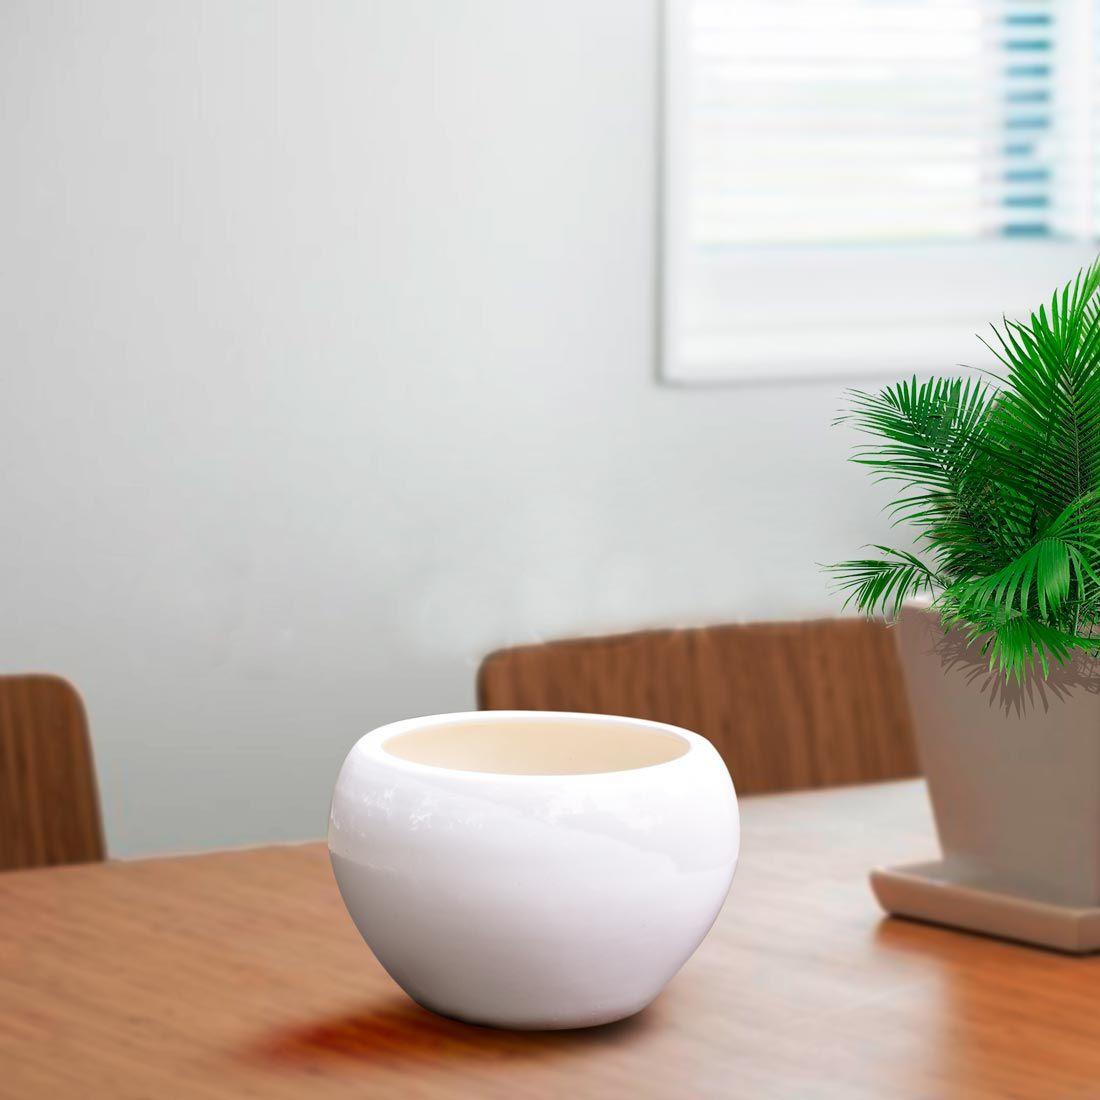 White Ceramic Spherical Planter Buy Online Planter Pots Indoor Planters Ceramic Plant Pots